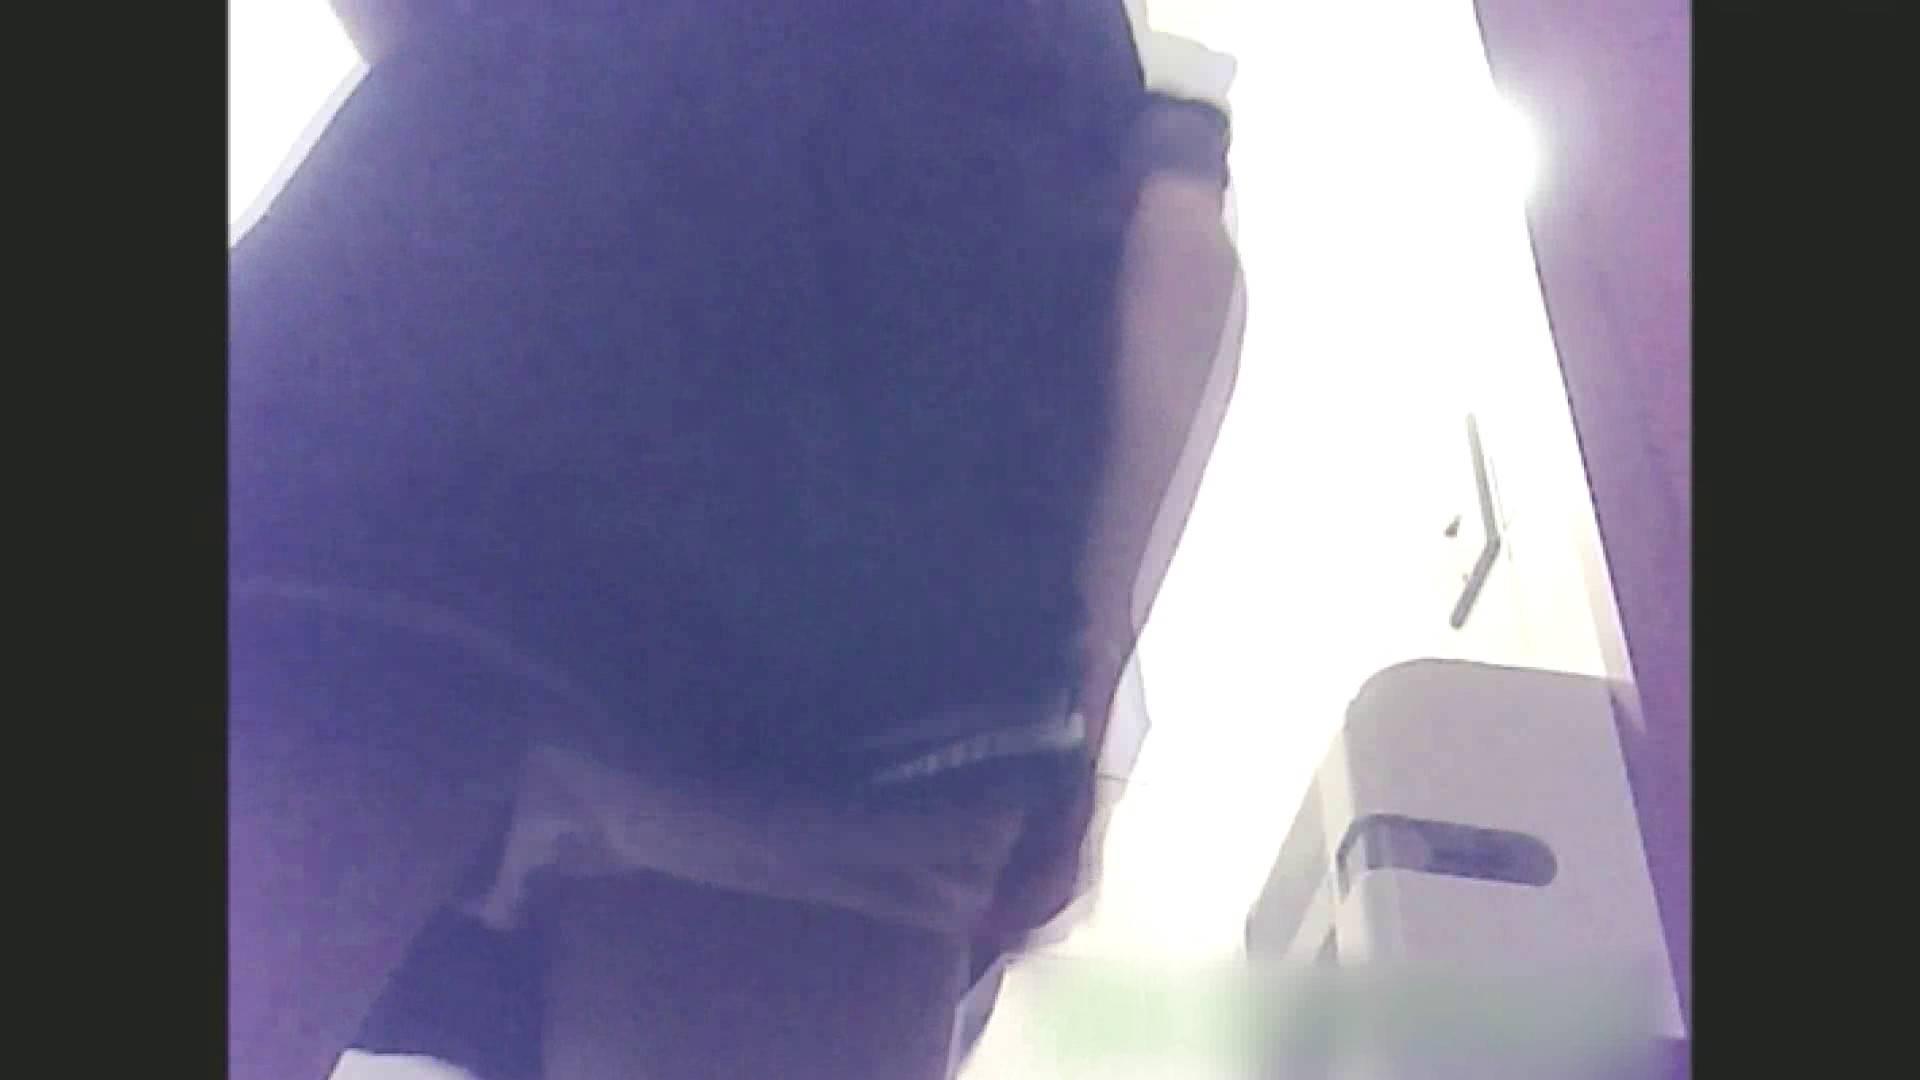 実録!!綺麗なお姉さんのトイレ事情・・・。vol.4 トイレ 盗撮AV動画キャプチャ 67画像 24